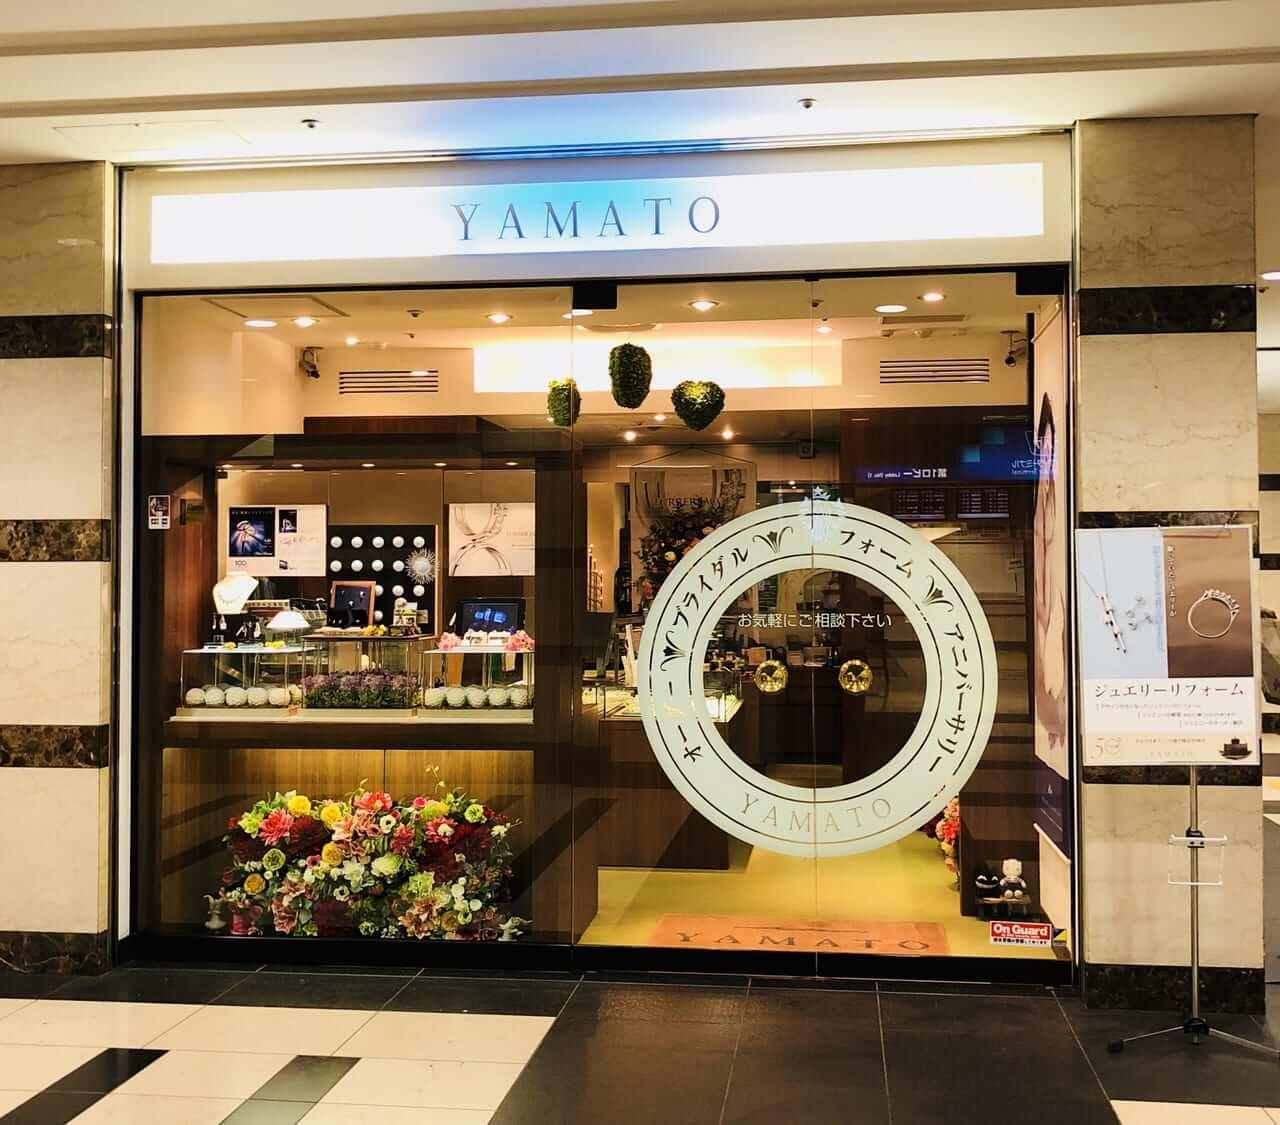 横浜YAMATOへの問い合わせ